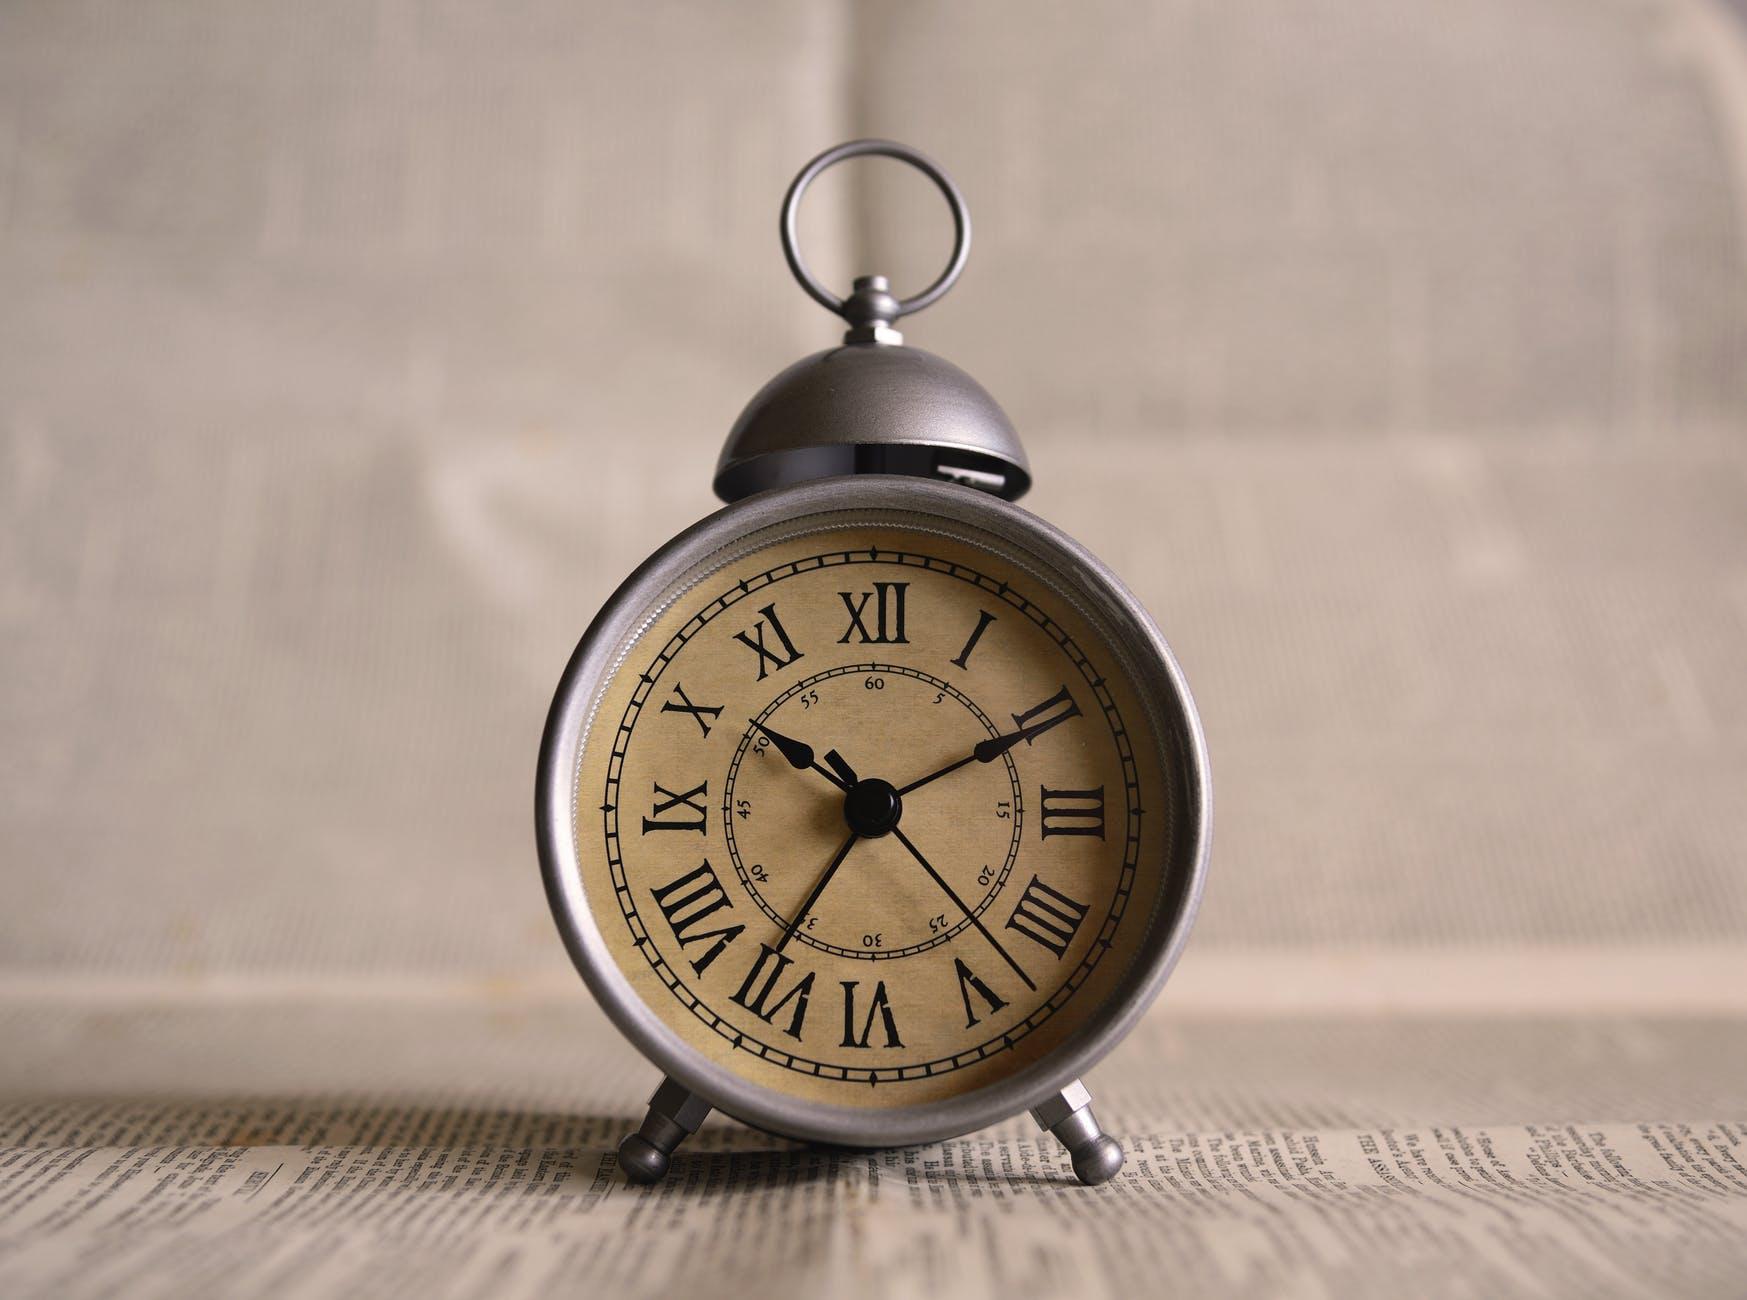 aged alarm clock antique background